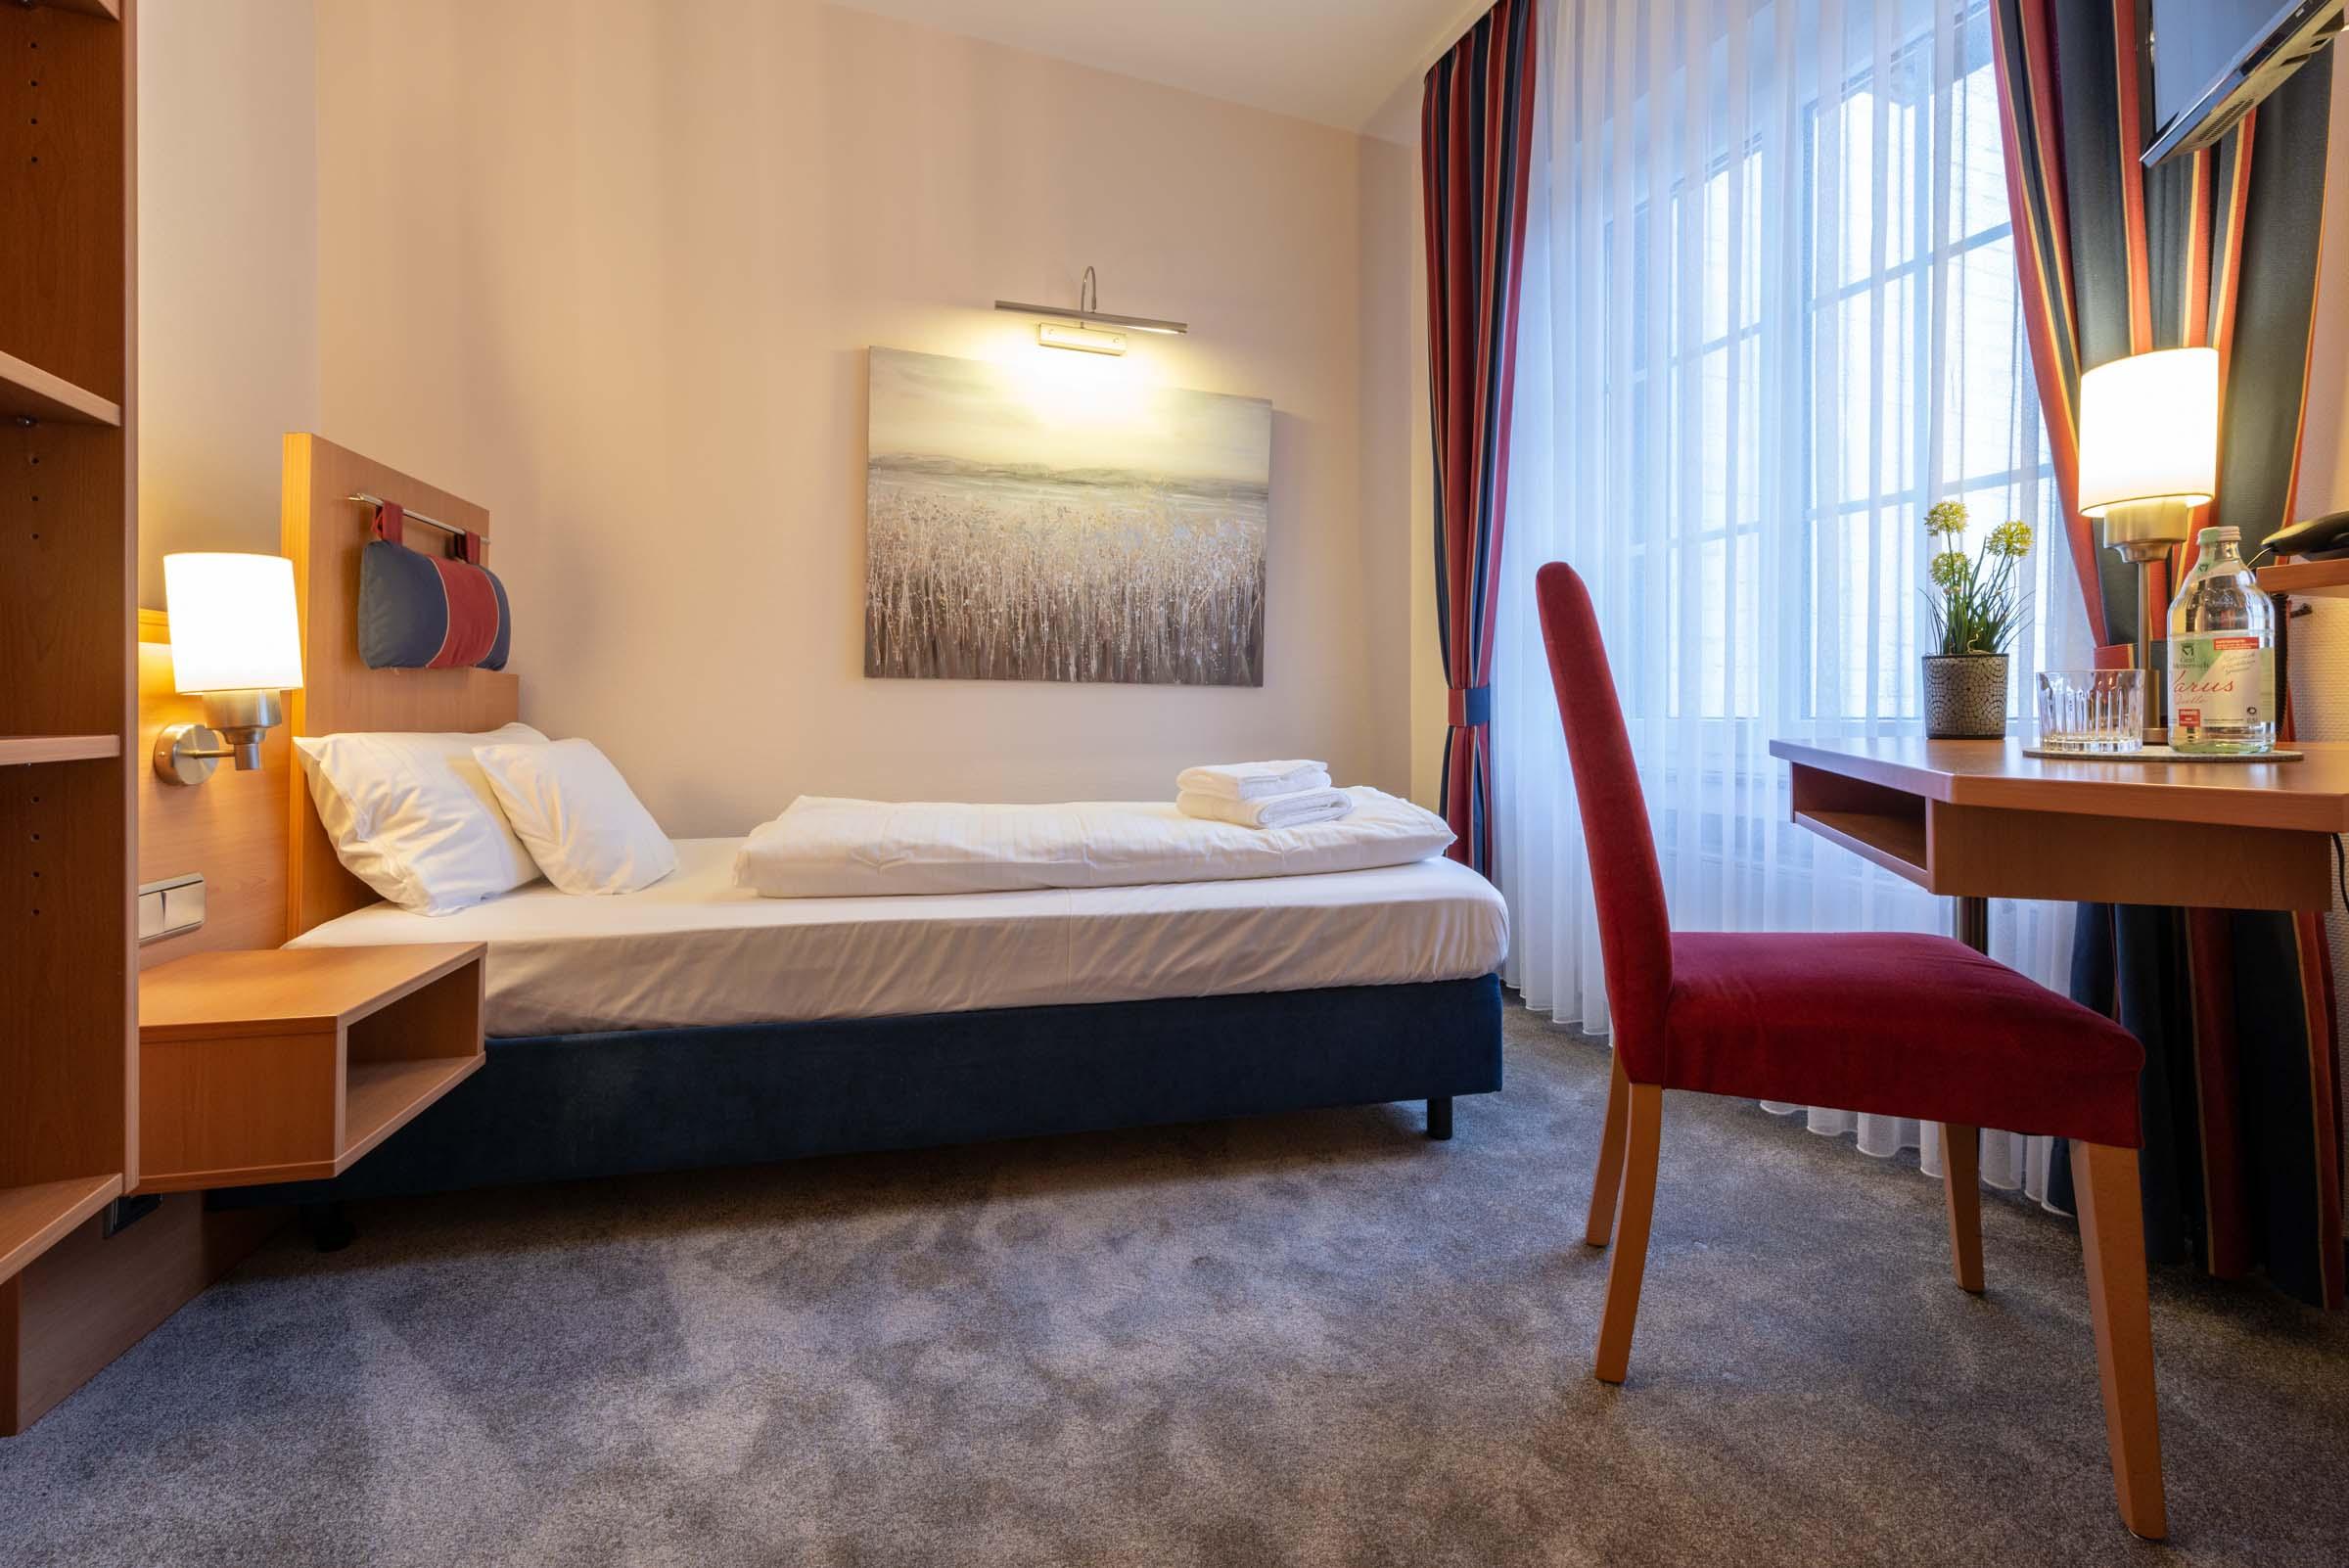 Hotel Werk 2 Bocholt Einzelzimmer